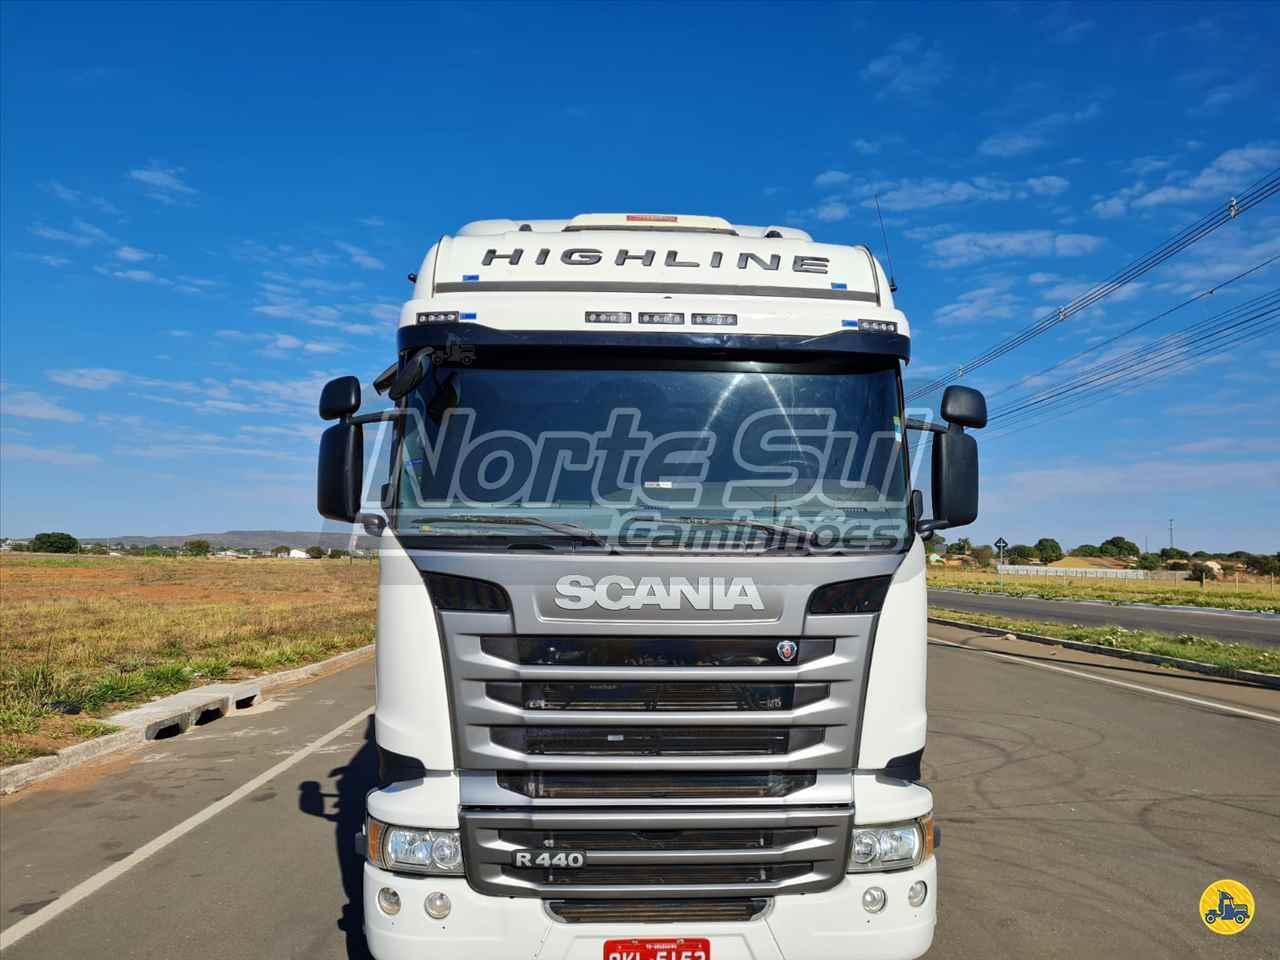 CAMINHAO SCANIA SCANIA 440 Cavalo Mecânico Truck 6x2 Norte Sul Caminhões GOIANIA GOIAS GO